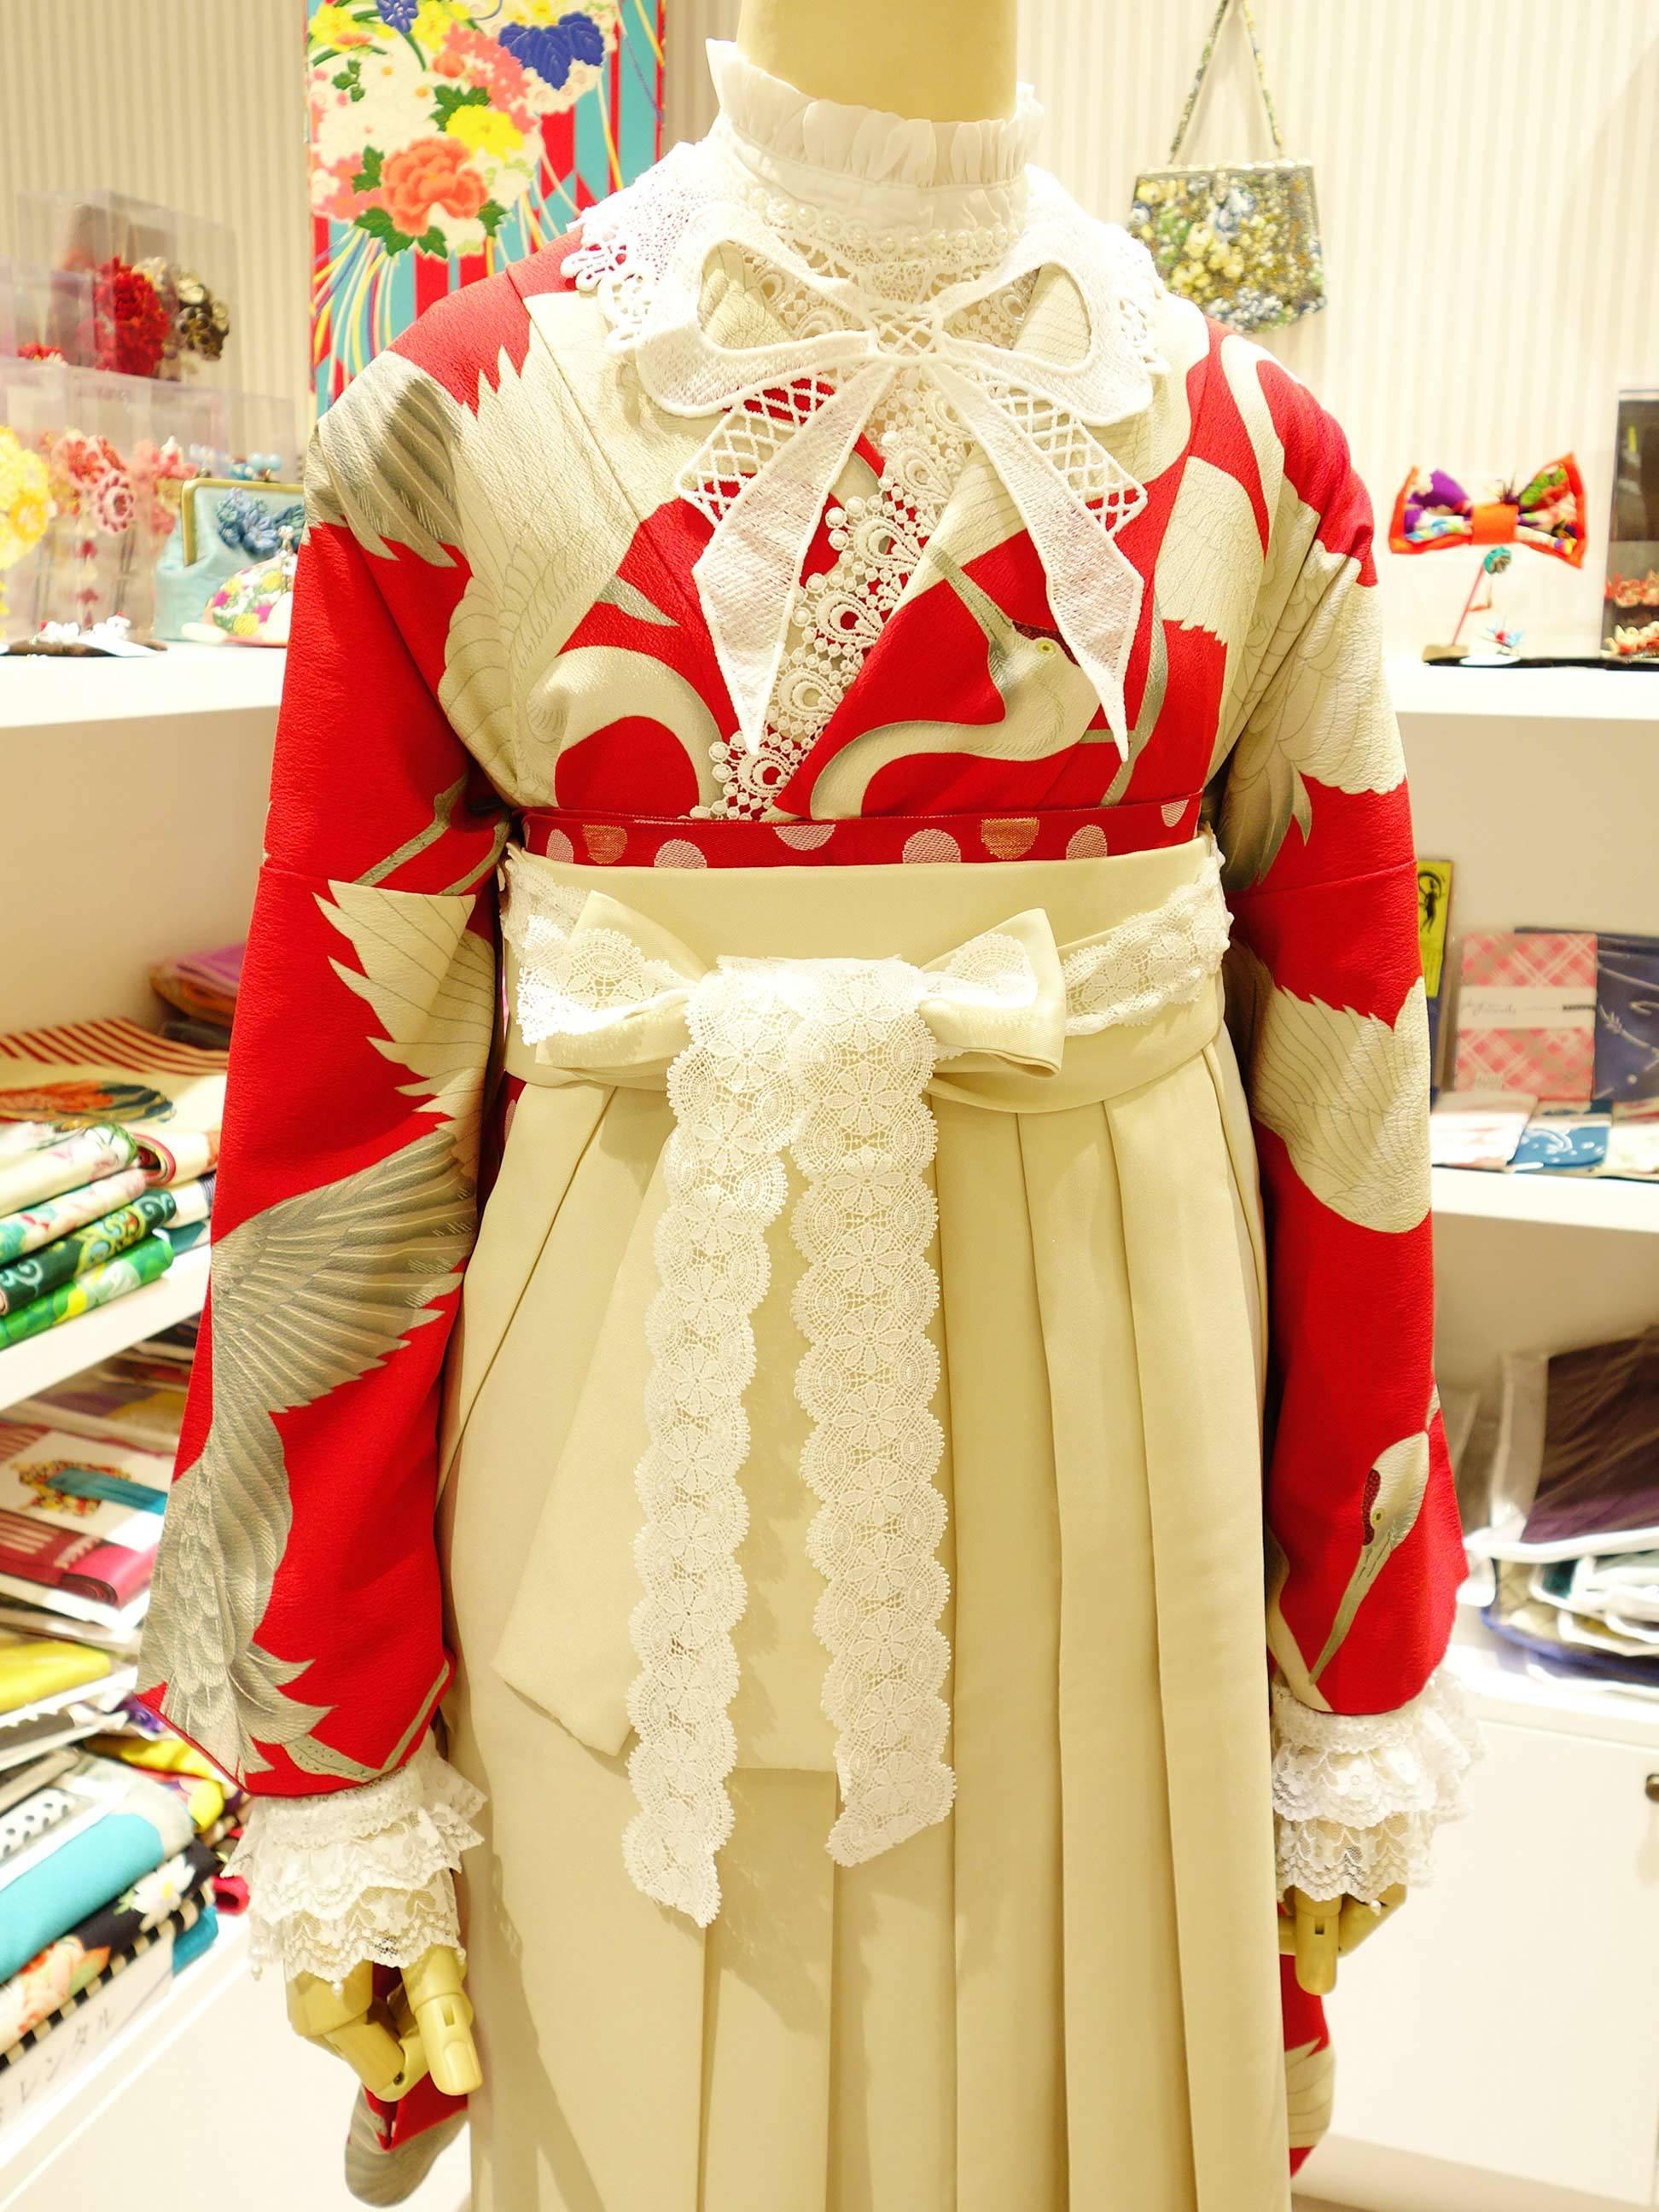 鶴赤2尺着物の袴コーデ紹介_e0167832_15525999.jpg